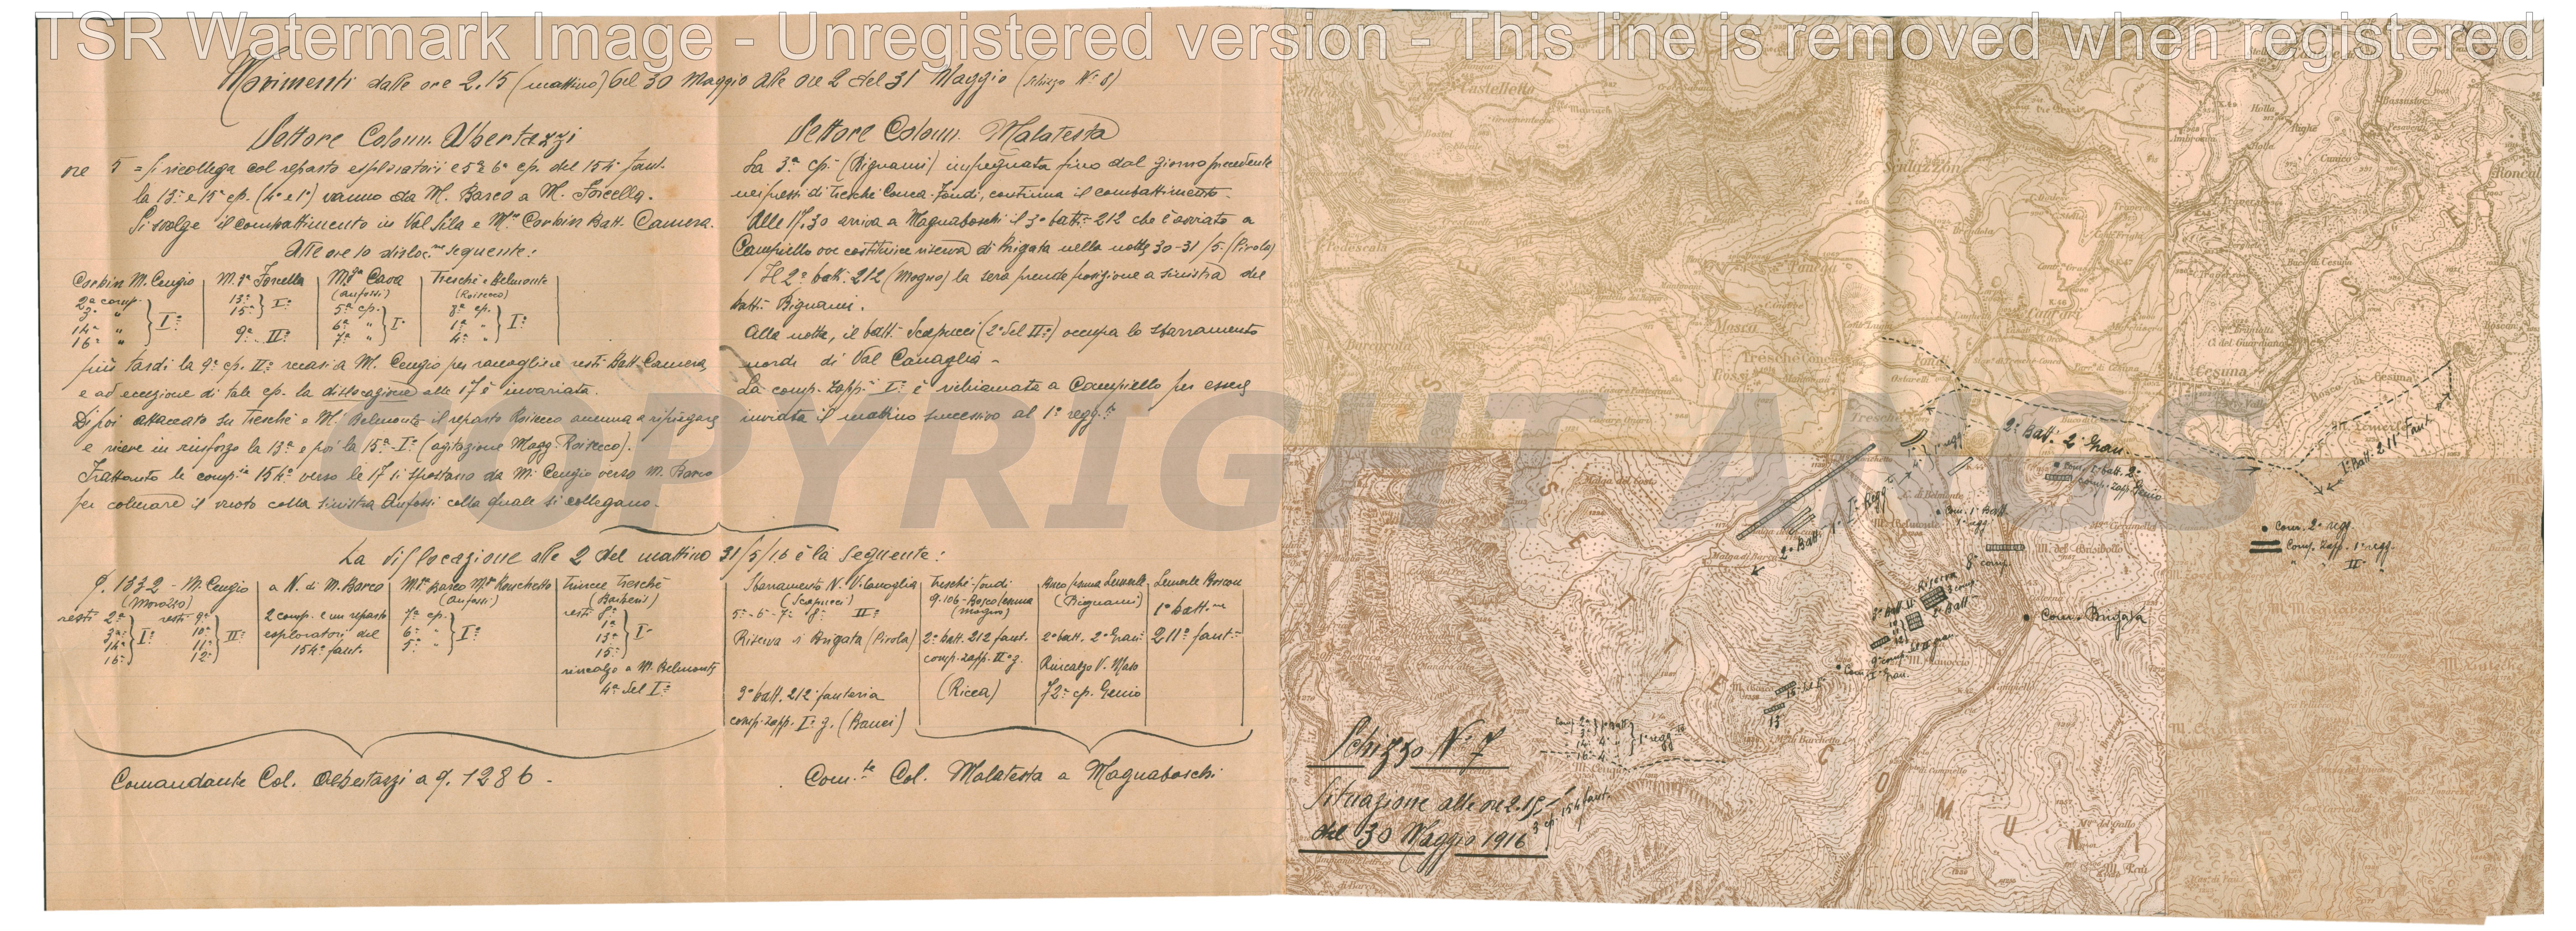 Situazione alle ore 2.19 del 29 maggio 1916